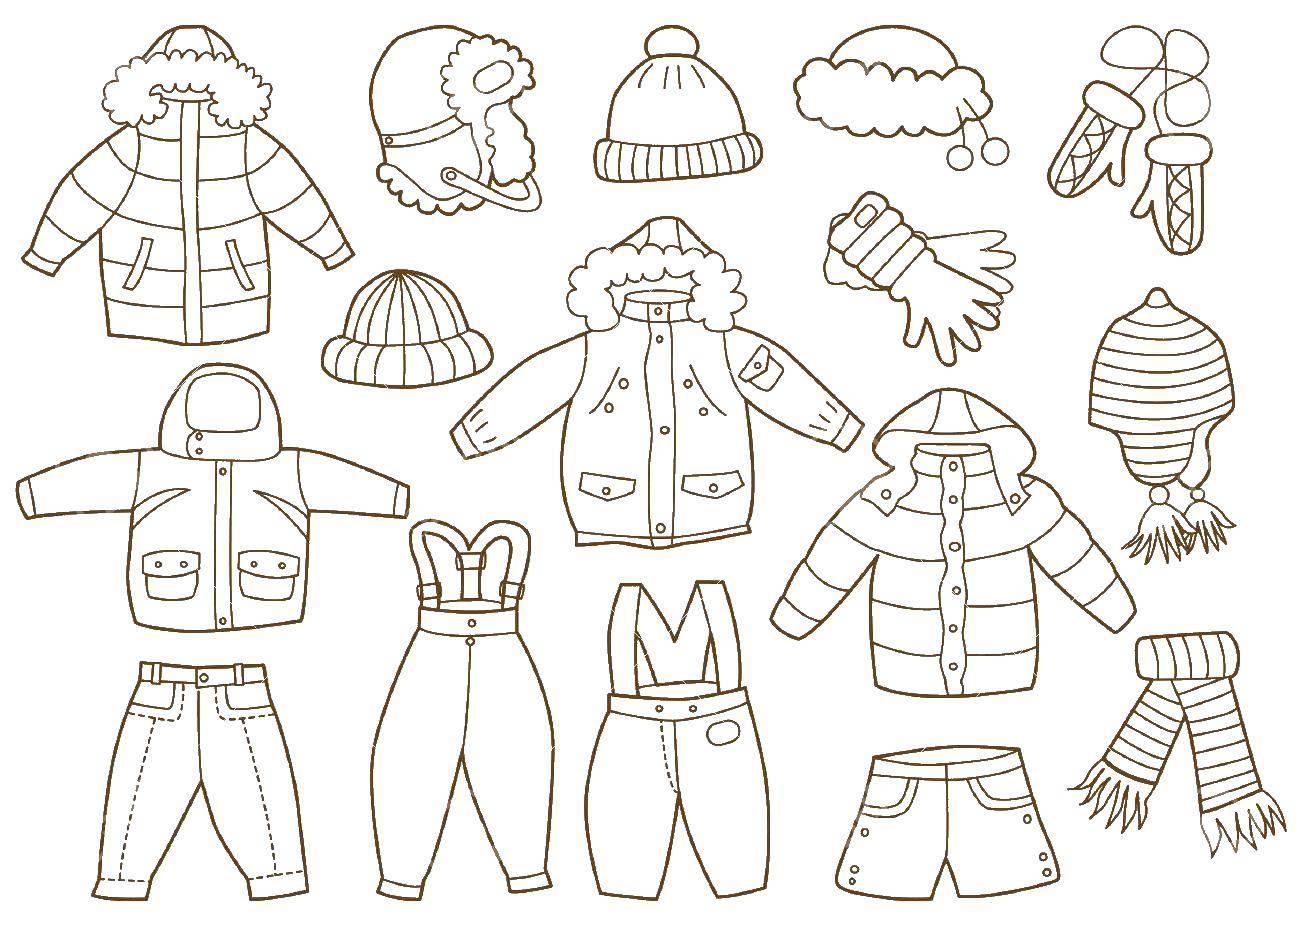 Раскраска Разнообразная одежда, перчатки, головные уборы Скачать одежда, перчатки, шапки.  Распечатать ,одежда,